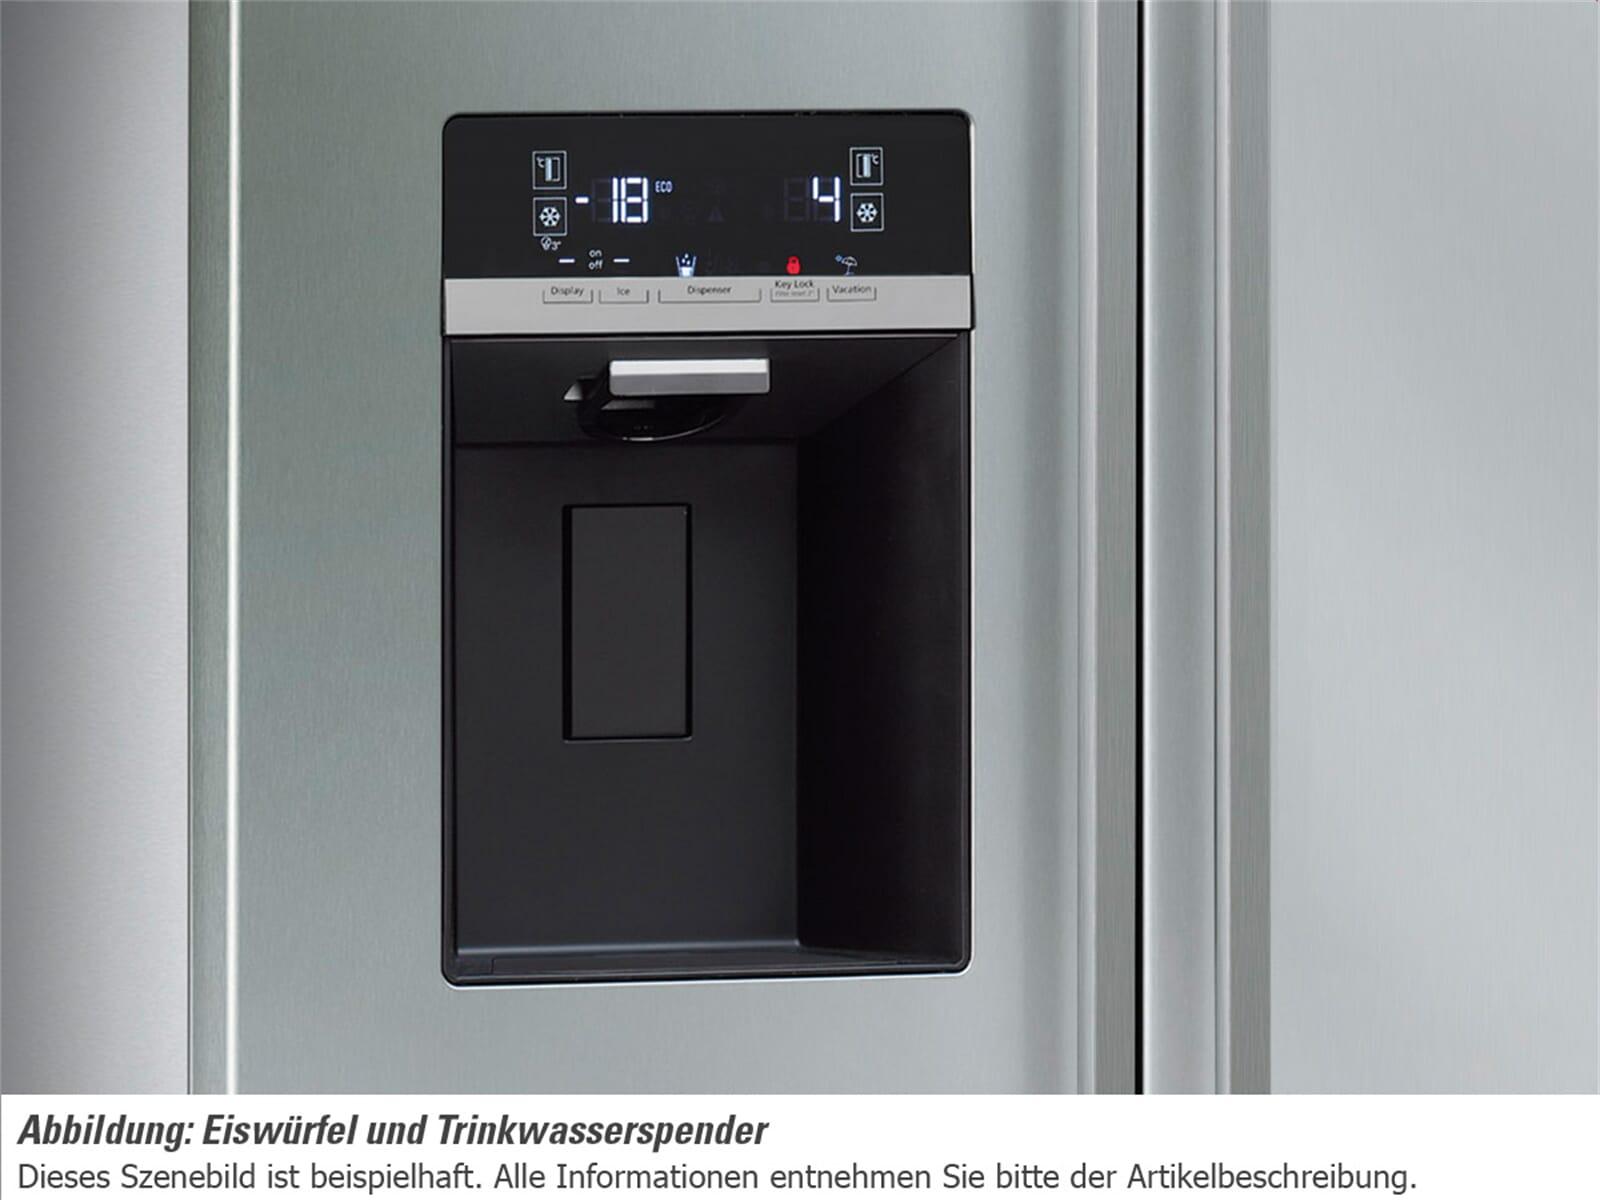 Smeg Retro Kühlschrank Preis : Kühlschrank kaufen köln khl von liebherr affordable galerie von